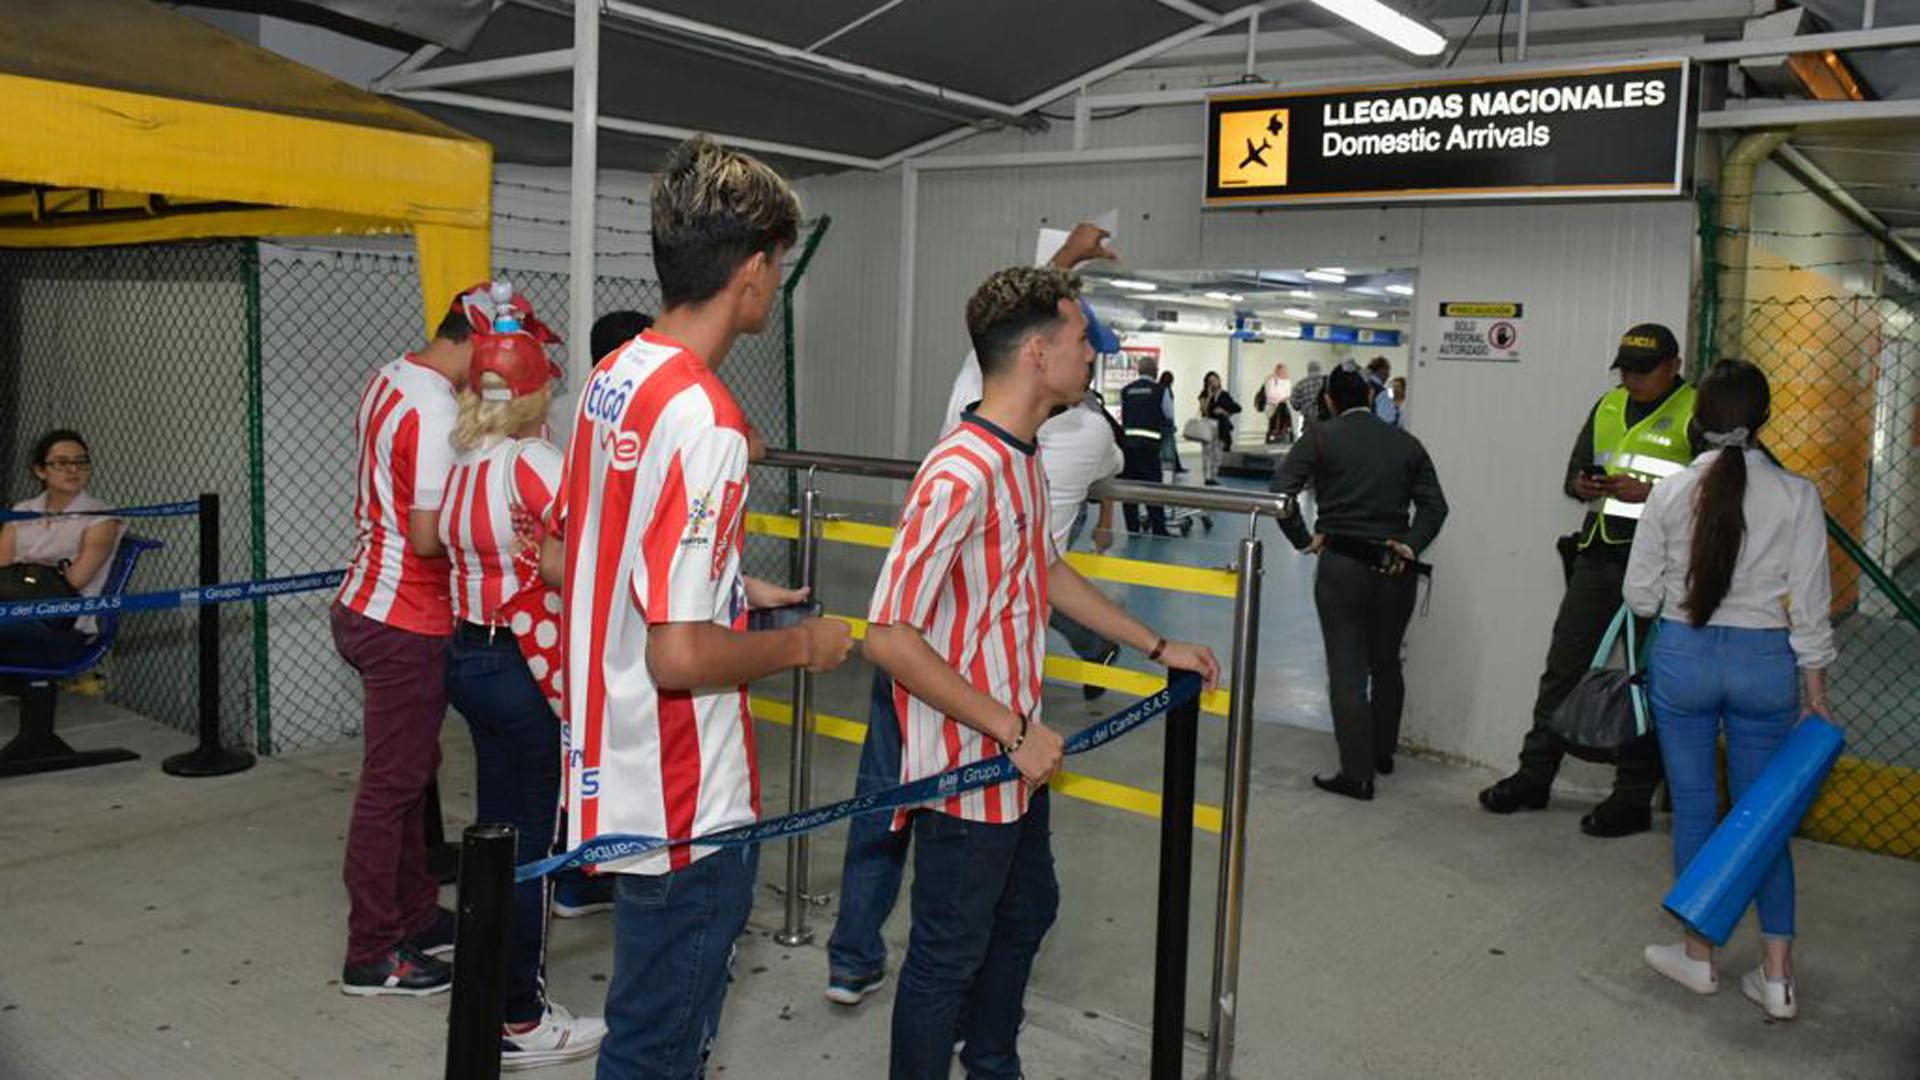 Más aficionados llegaron al aeropuerto para darle la bienvenida al futbolista.